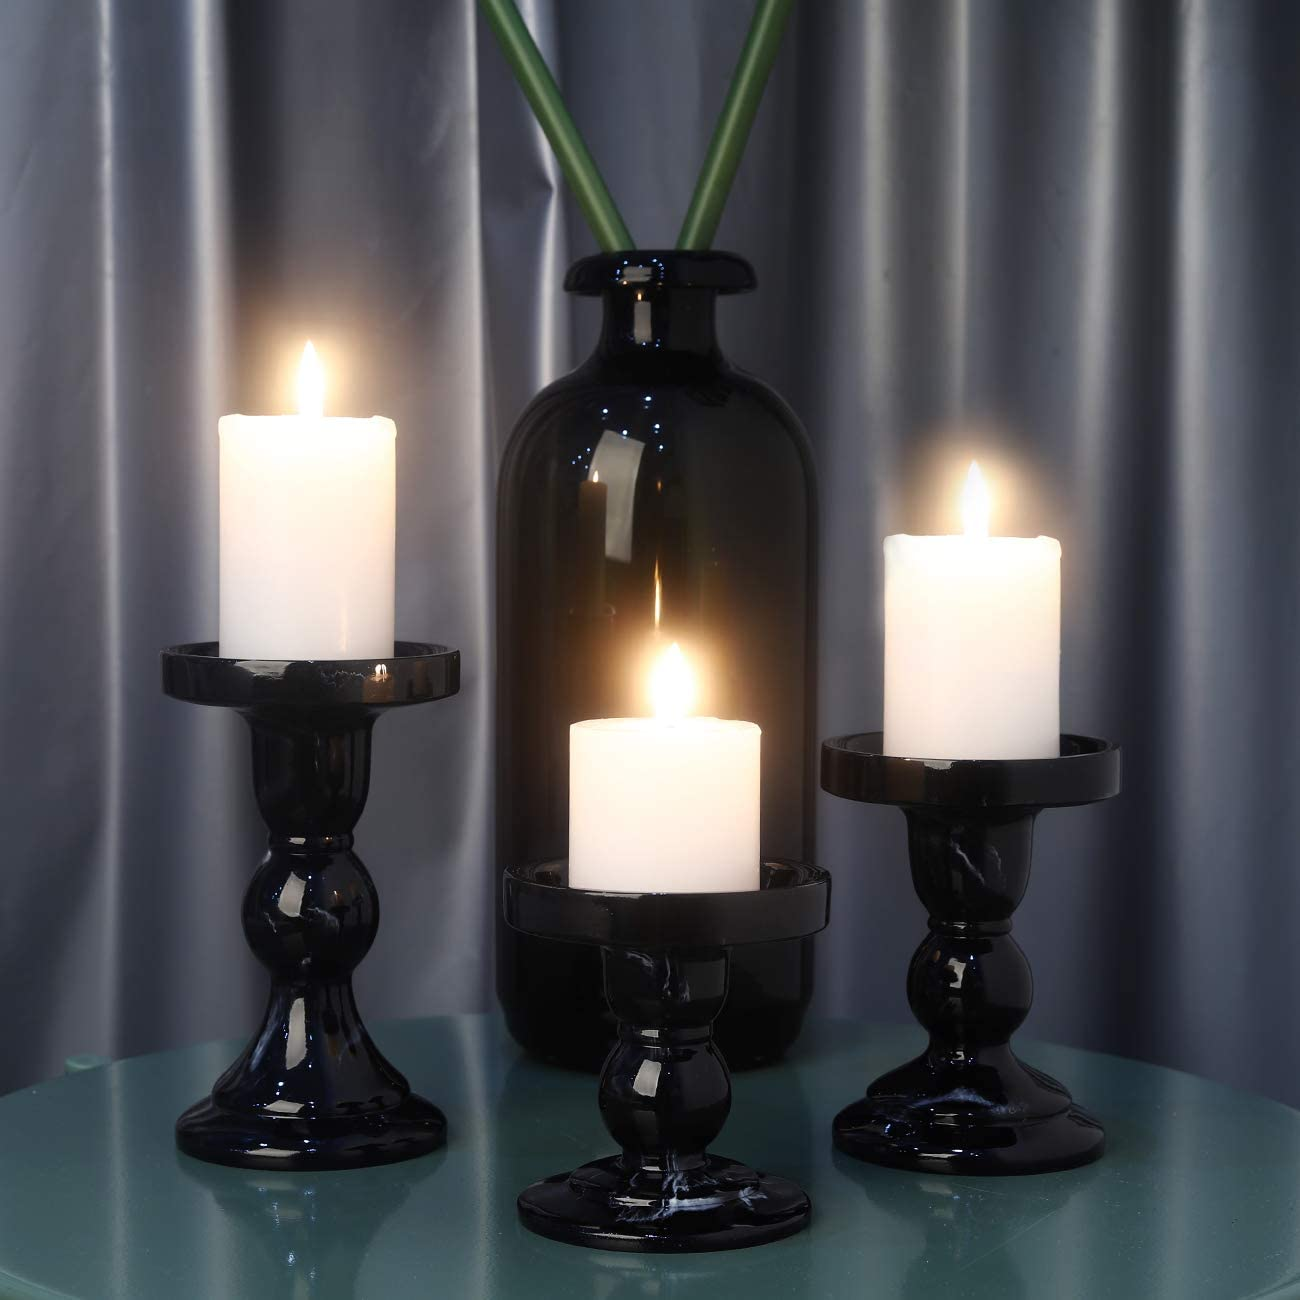 Beige Lewondr Harz Marmor-Stil Kerzenhalter 3 St/ücke Kerzenst/änder in Unterschiedlicher Gr/ö/ße Tischdekoration Teelichthalter f/ür Romantisches Abendessen Hochzeit Weihnachten Geburtstag